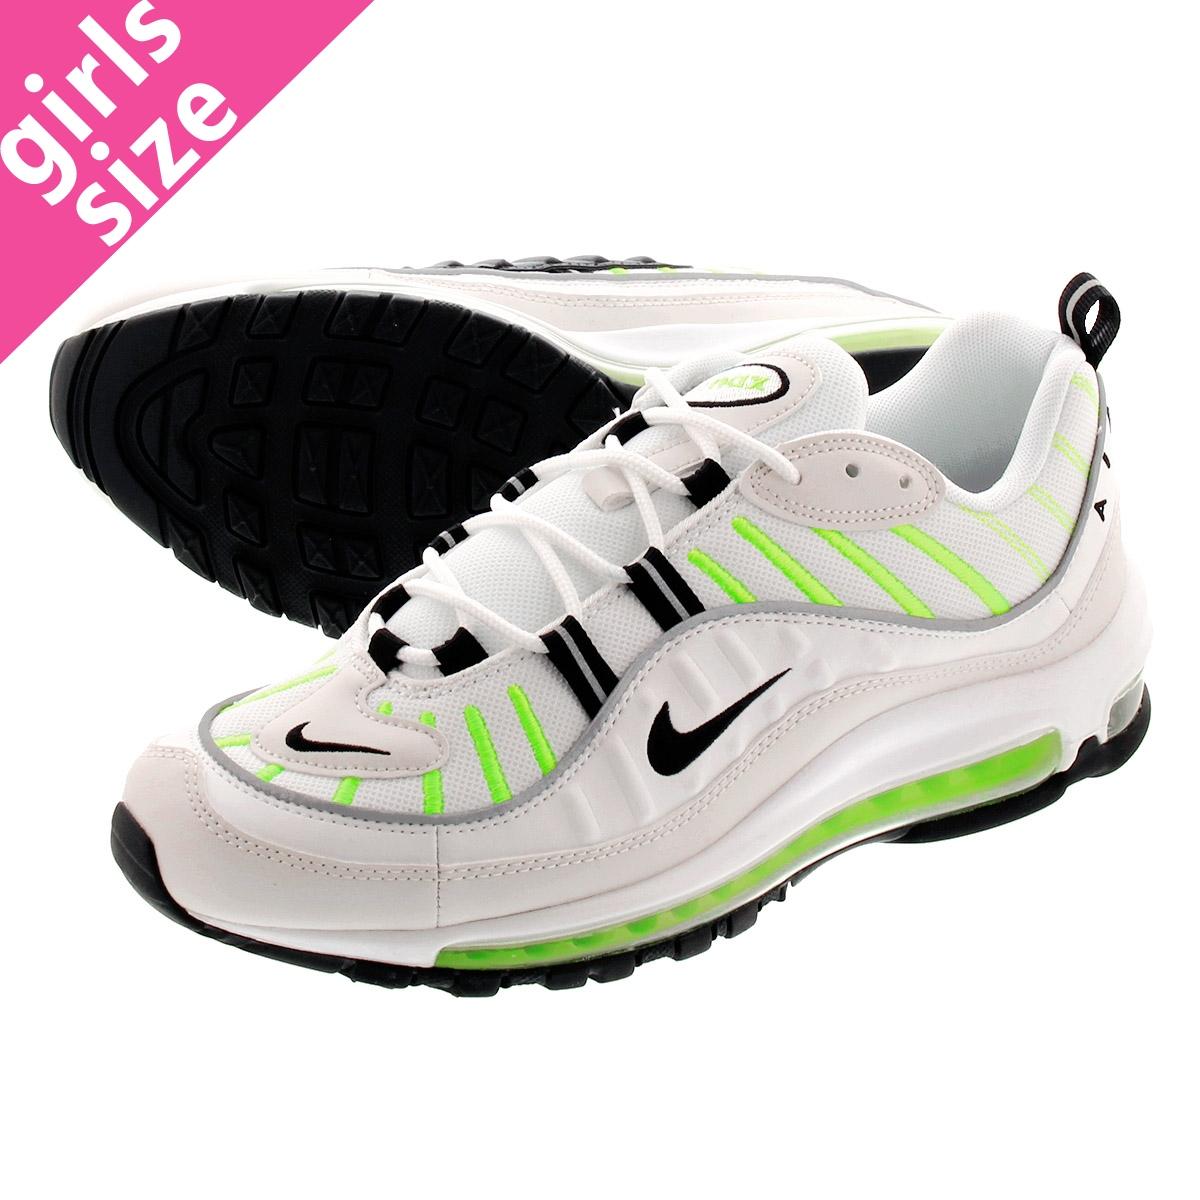 【お買い物マラソンSALE】 NIKE WMNS AIR MAX 98 ナイキ ウィメンズ エア マックス 98 SUMMIT 白い/黒/PHANTOM ah6799-115